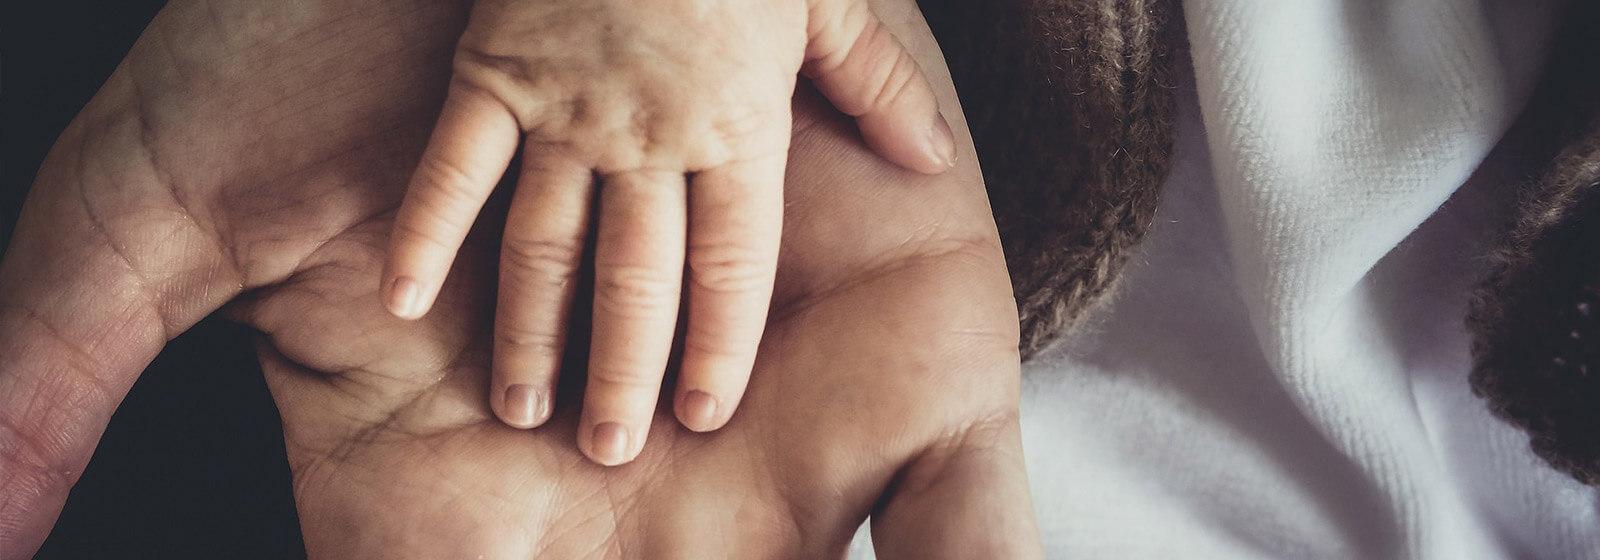 Hands image slide